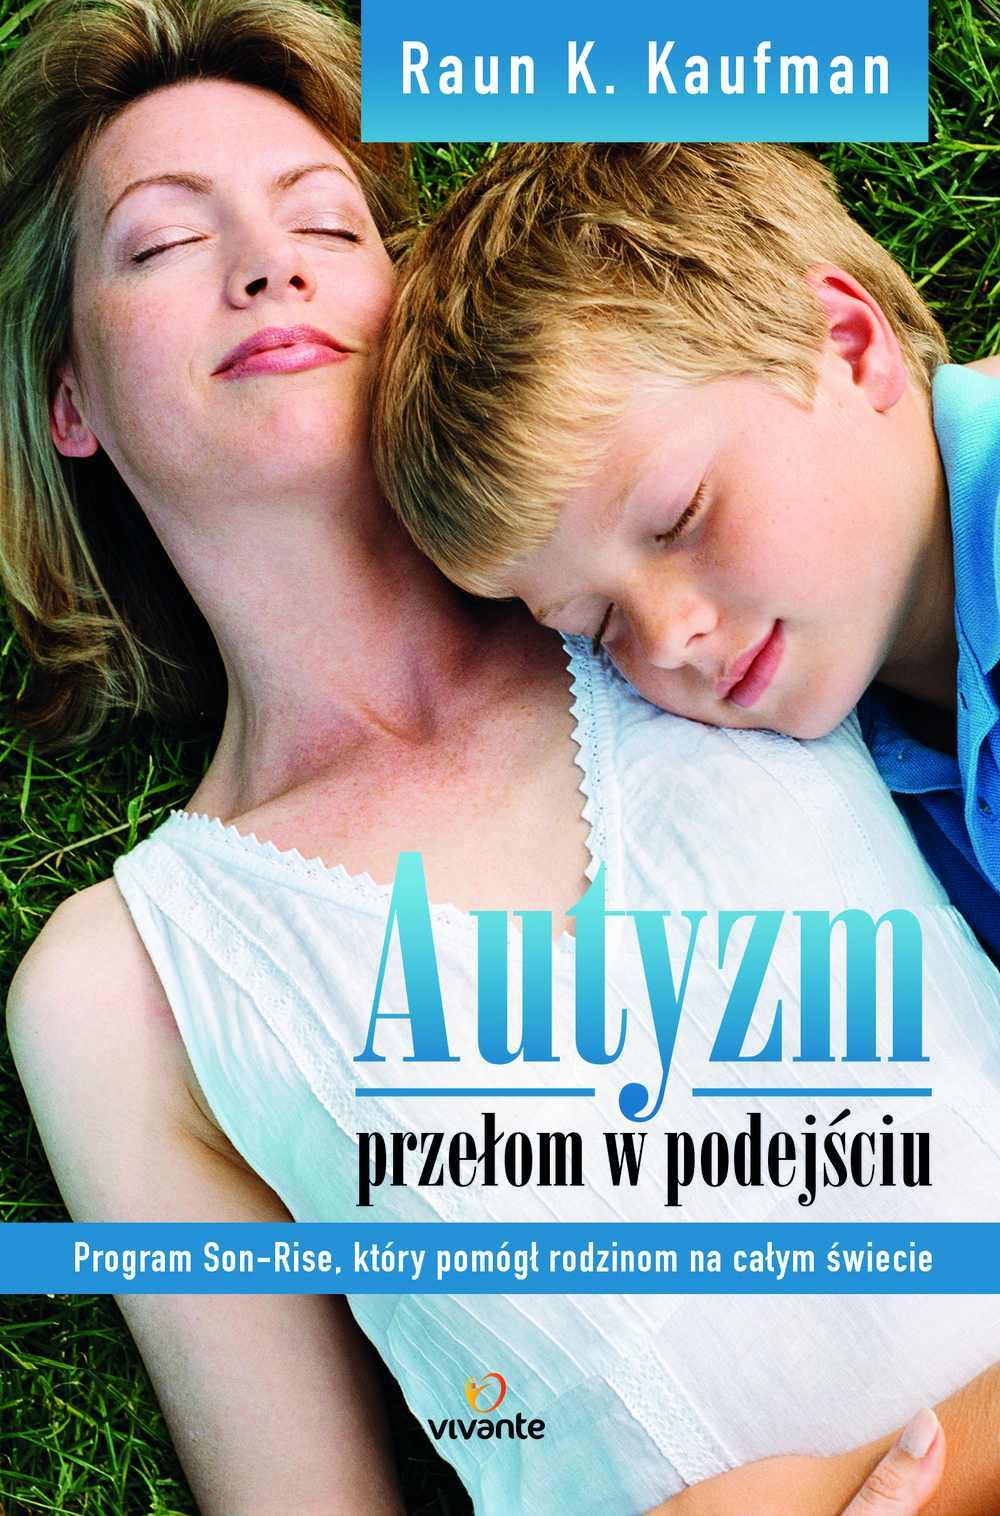 Autyzm. Przełom w podejściu. Program Son-Rise, który pomógł rodzinom na całym świecie - Ebook (Książka EPUB) do pobrania w formacie EPUB